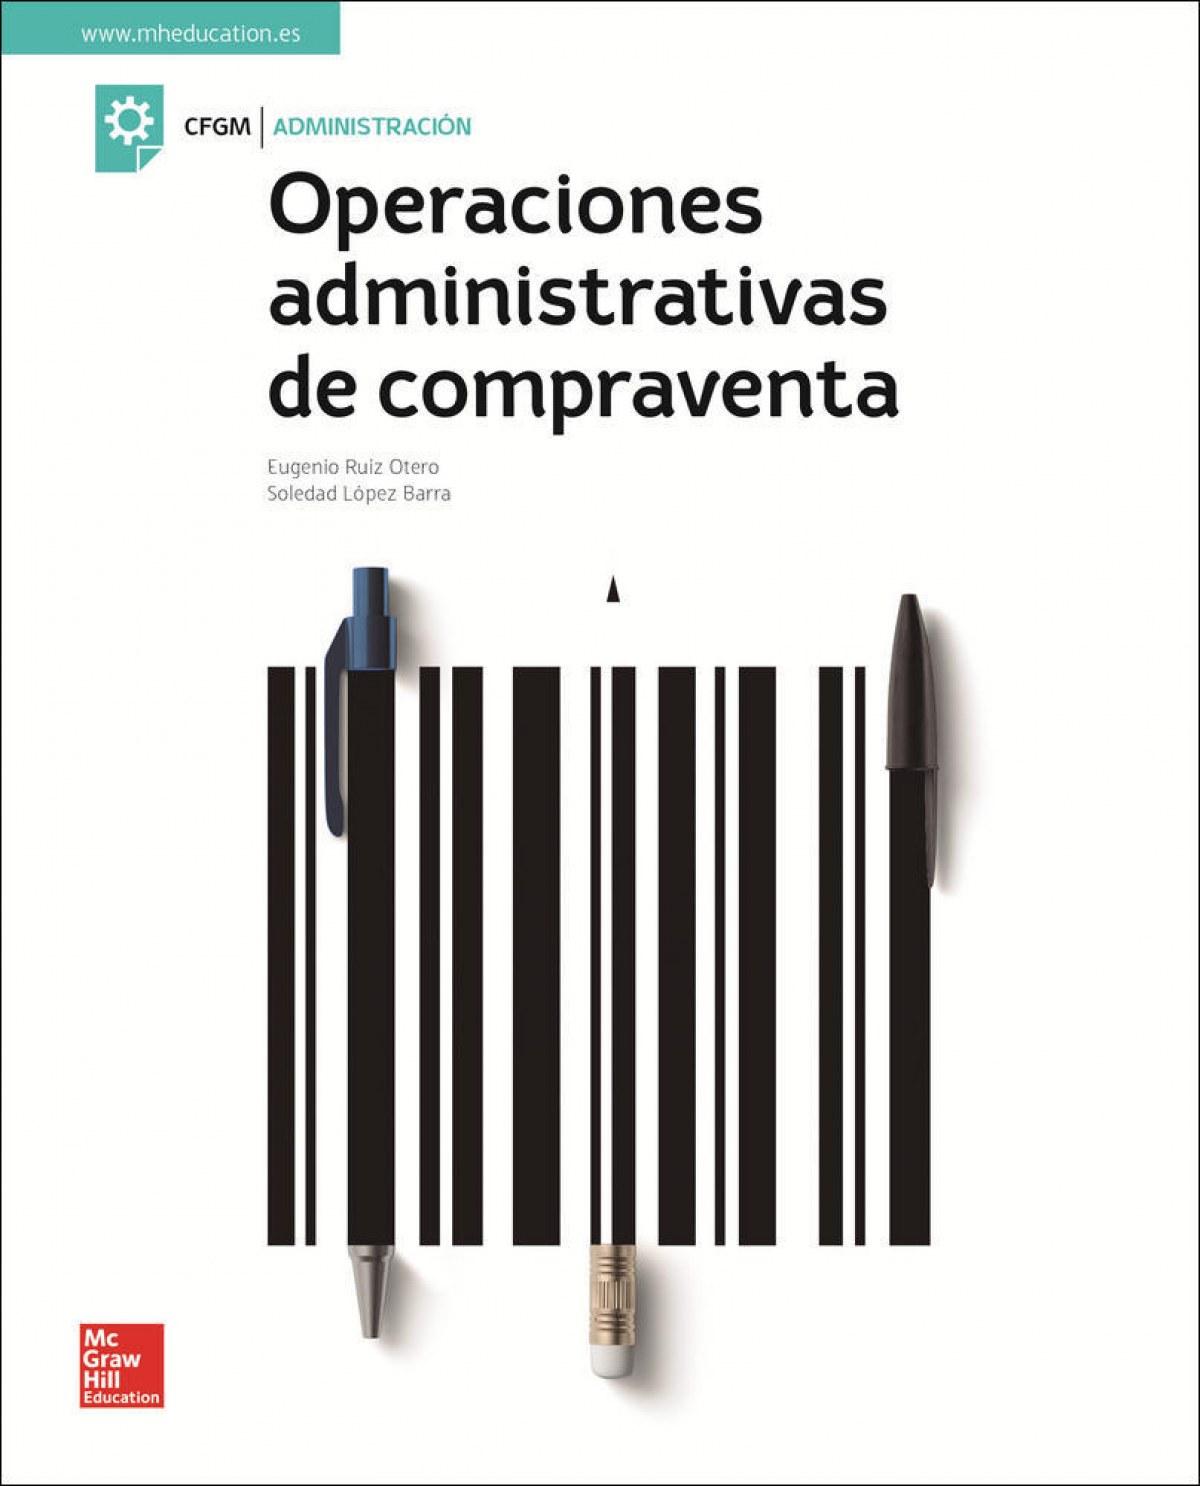 OPERACIONES ADMINISTRATIVAS DE COMPRAVENTA 9788448614195